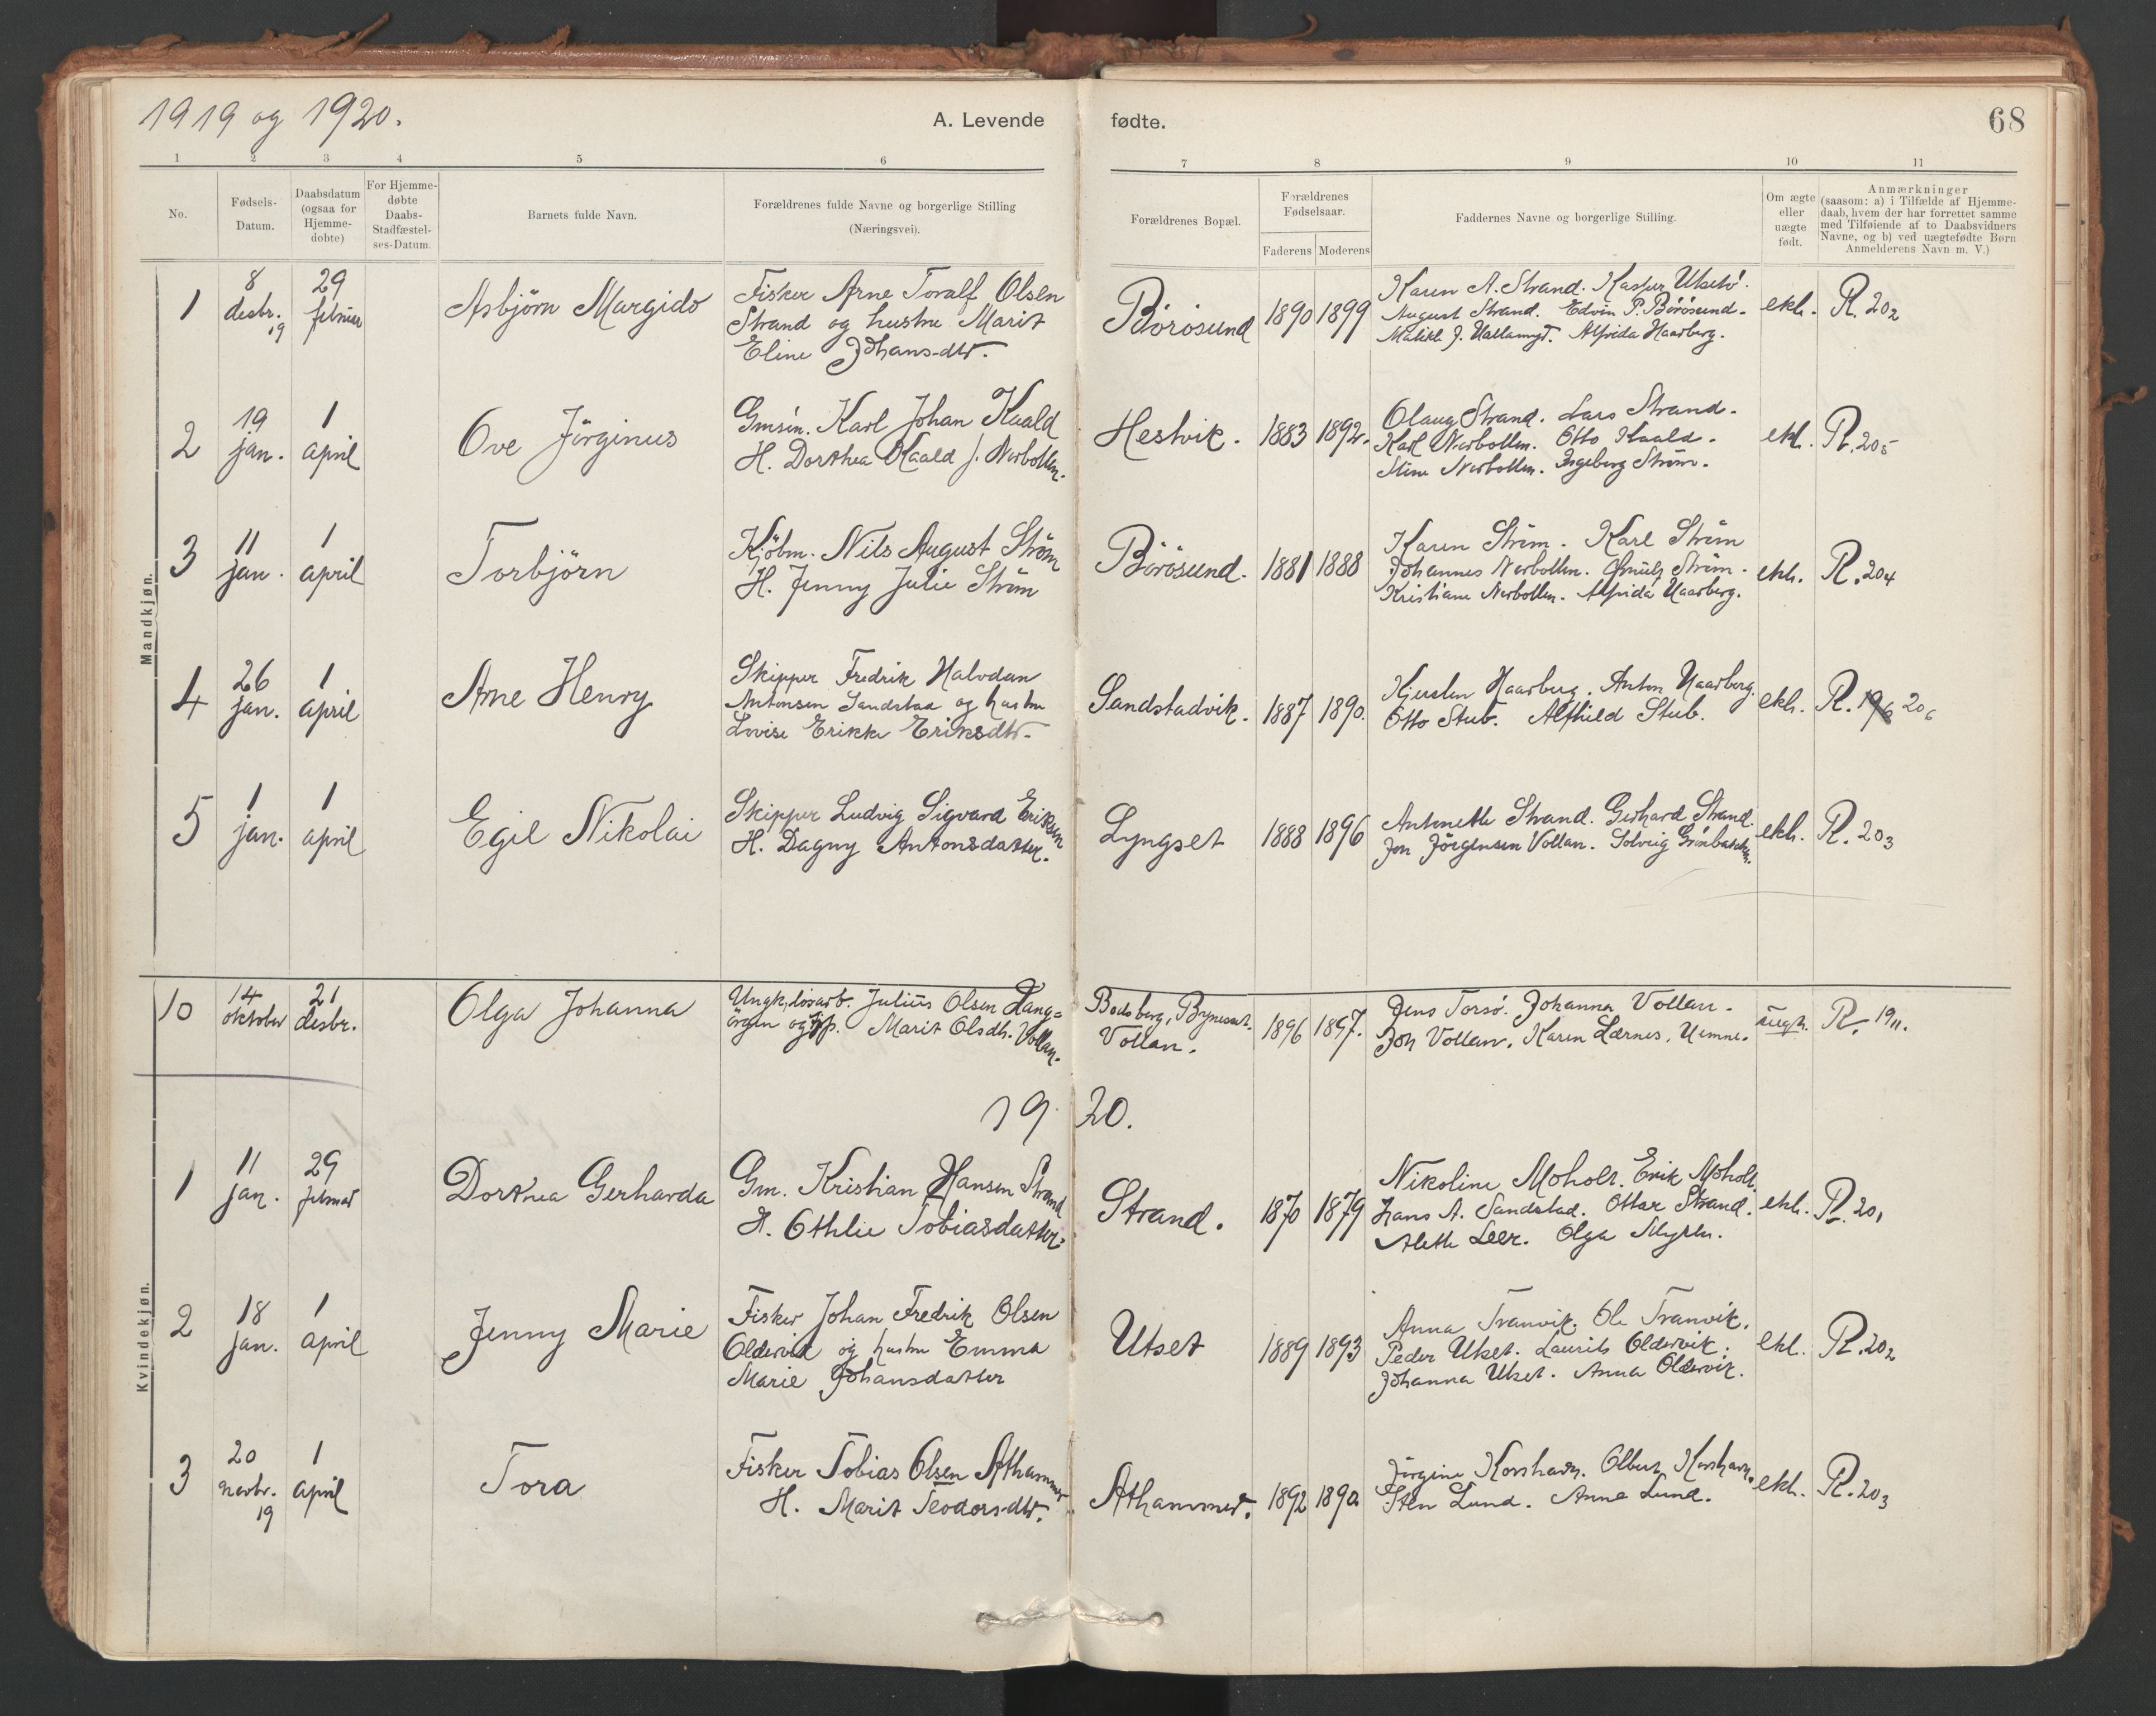 SAT, Ministerialprotokoller, klokkerbøker og fødselsregistre - Sør-Trøndelag, 639/L0572: Ministerialbok nr. 639A01, 1890-1920, s. 68